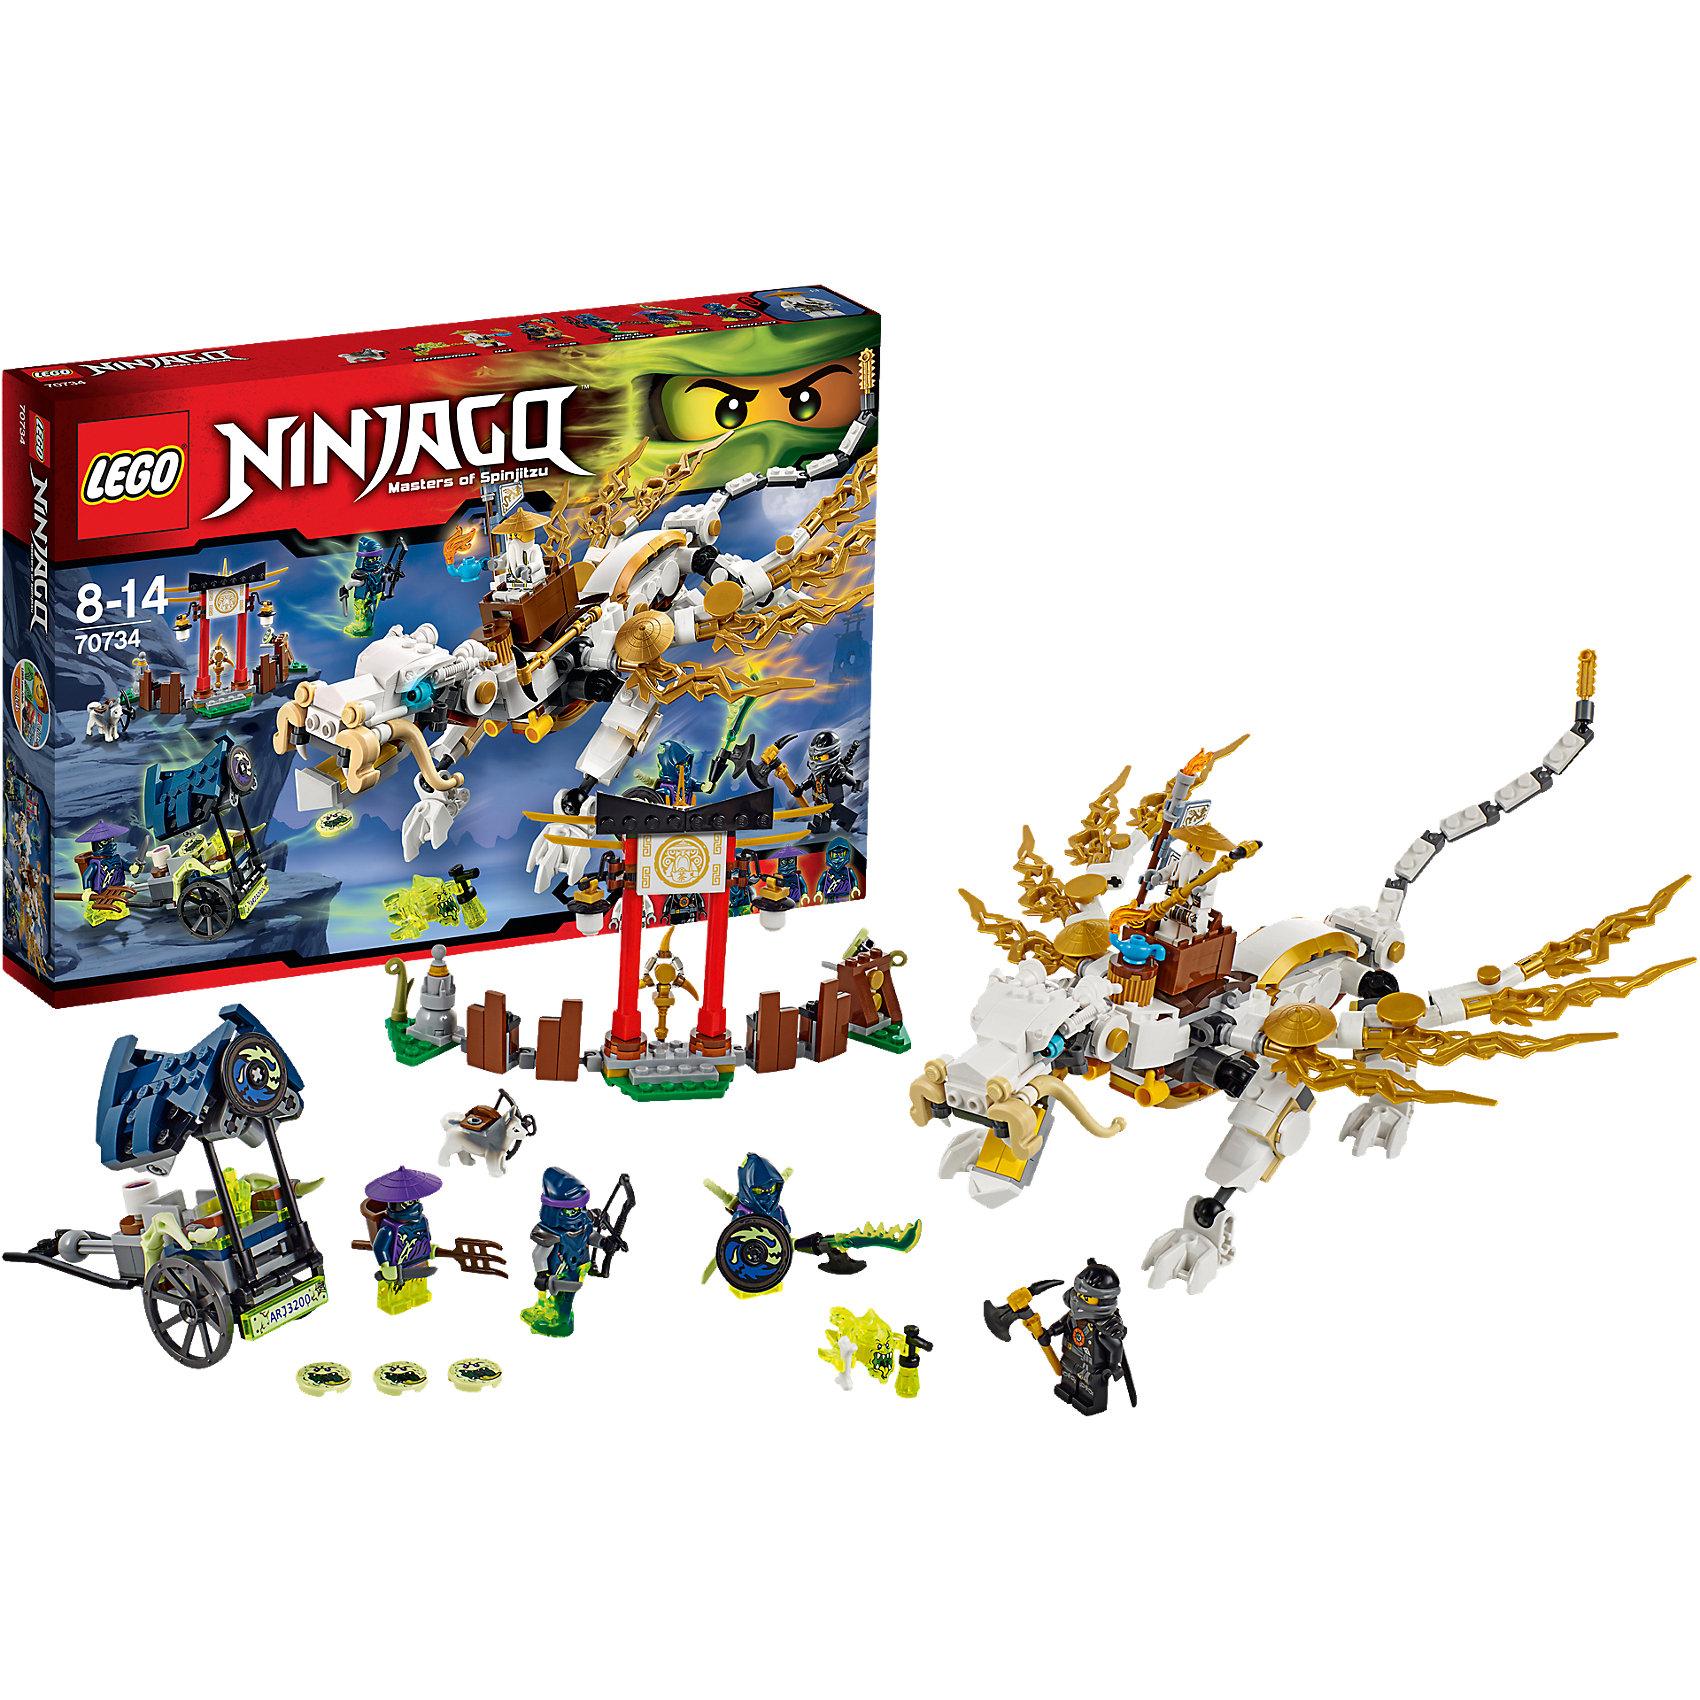 LEGO NINJAGO 70734: Дракон Сэнсэя ВуКонструктор LEGO Ninjago (ЛЕГО Ниндзяго)  70734: Дракон Сэнсэя Ву - это мечта мальчишек, которые обожают скорость и сражения. Мастер Ву создал дракона, с помощью которого можно защитить аэроклинок от призраков. Белый дракон очень подвижный, длинный хвост жалит неприятеля, а острыми когтями на лапах он может отбиваться от вездесущих Скримеров. Построй чайную ферму, заградительную арку и игра станет еще увлекательнее. Создавая интересные сюжеты, ребенок в увлекательной игровой форме развивает фантазию, воображение и координацию движений. Малыш сможет придумать множество увлекательных сюжетов с деталями набора LEGO Ninjago (ЛЕГО Ниндзяго)  70734: Дракон Сэнсэя Ву. Подключайте фантазию и Вам никогда не будет скучно в компании LEGO (ЛЕГО)!<br><br>LEGO Ninjago (ЛЕГО Ниндзяго) - серия детских конструкторов ЛЕГО, рассказывающая о приключениях четырех отважных ниндзя и их сенсея, о противостоянии злу и победе добра.<br><br>Дополнительная информация:<br><br>- Игра с конструктором  LEGO (ЛЕГО) развивает мелкую моторику ребенка, фантазию и воображение, учит его усидчивости и внимательности;<br>- В комплекте: 5 подвижных минифигурок (Сэнсэй, ниндзя, Мастер-лучник, воины-призраки), собака-лучник, скримеры, оружие, детали набора;<br>- Количество деталей: 575 шт;<br>- Серия: LEGO Ninjago (ЛЕГО Ниндзяго);<br>- Материал: высококачественный пластик;<br>- Размер упаковки: 38 х 26 х 6 см.<br><br>Конструктор LEGO Ninjago (ЛЕГО Ниндзяго)  70734: Дракон Сэнсэя Ву можно купить в нашем интернет-магазине.<br><br>Ширина мм: 385<br>Глубина мм: 258<br>Высота мм: 59<br>Вес г: 683<br>Возраст от месяцев: 96<br>Возраст до месяцев: 168<br>Пол: Мужской<br>Возраст: Детский<br>SKU: 4047402